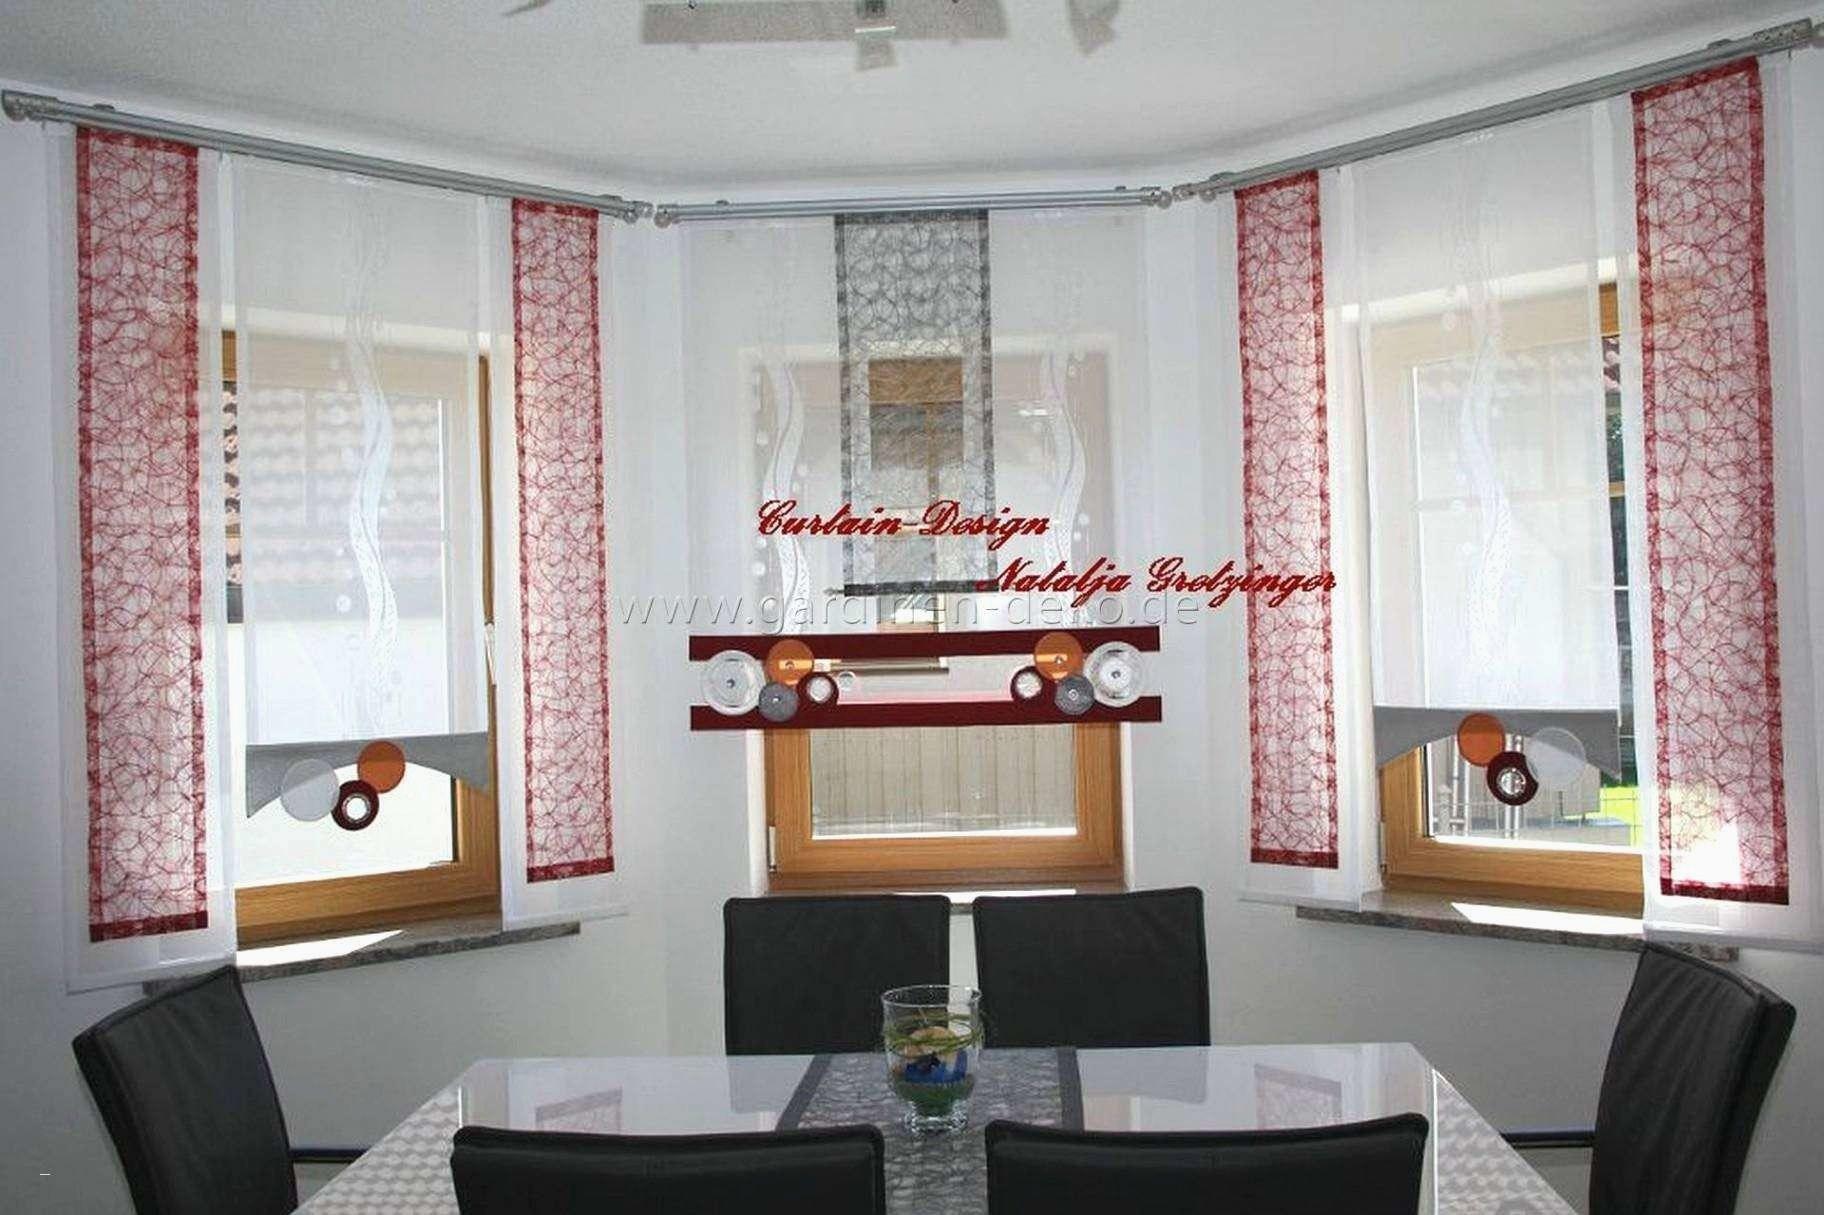 Full Size of Gardinen Wohnzimmer Modern Modernes Bett Moderne Duschen Landhausküche Esstische Deckenleuchte Fenster Für Die Küche Schlafzimmer Bilder Fürs Wohnzimmer Moderne Gardinen